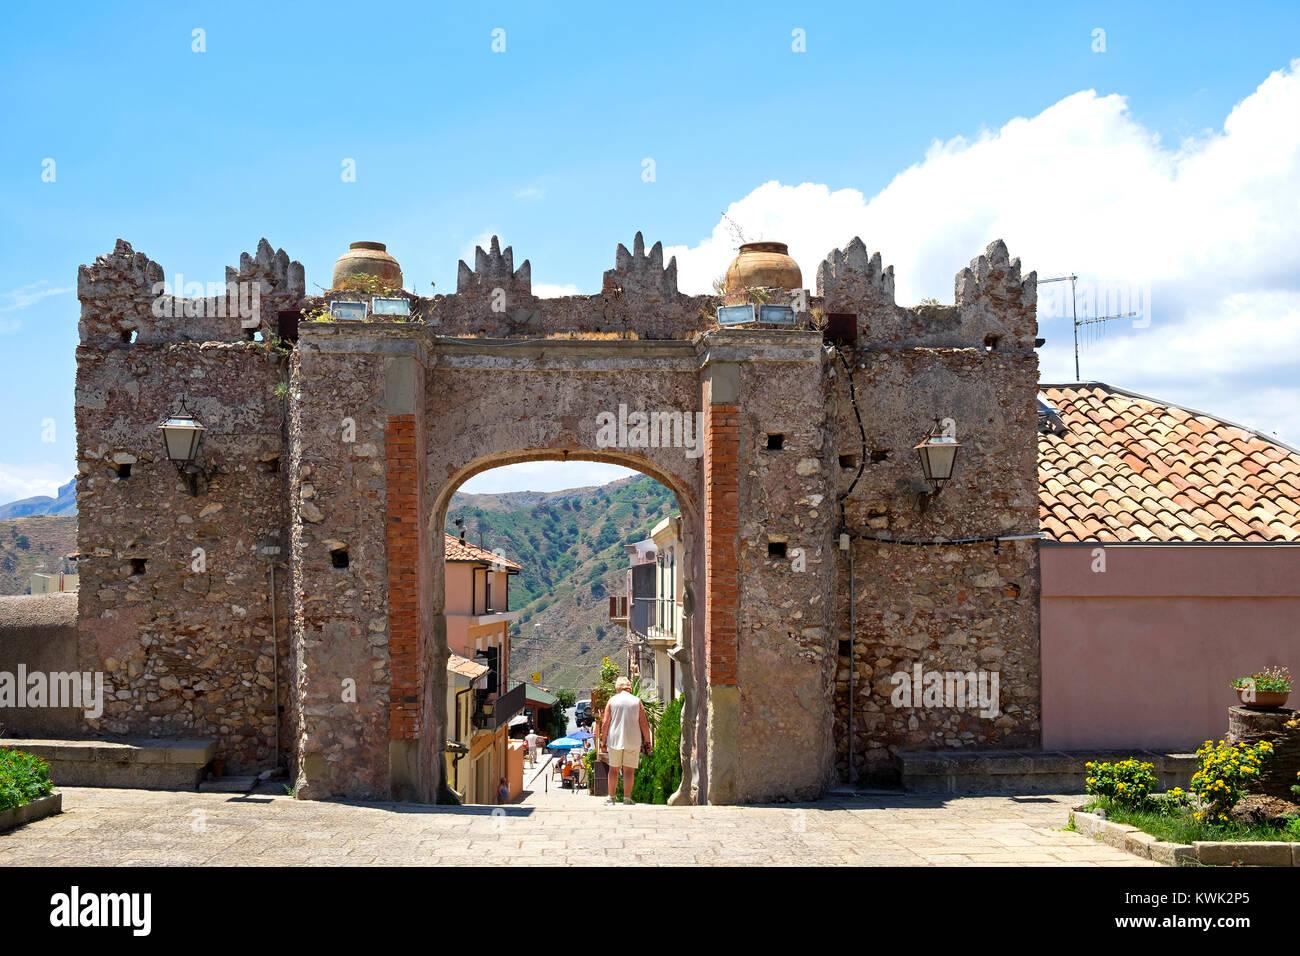 Cancelli a chiesa ss. trinita nel villaggio di montagna di forza d'agro in Sicilia, Italia. Immagini Stock